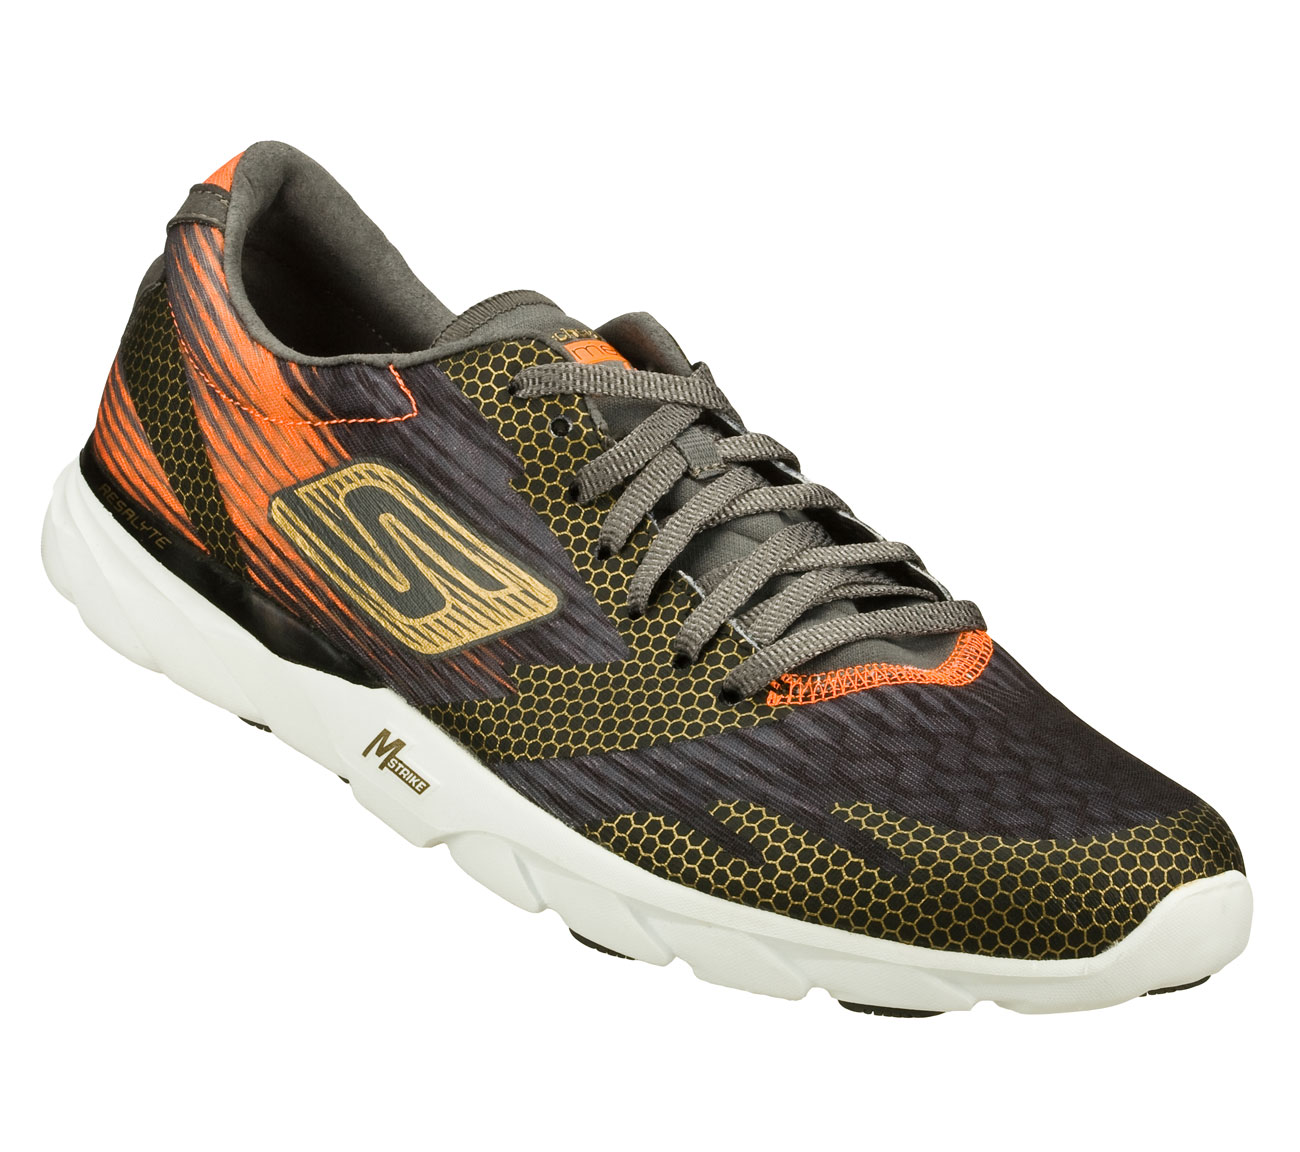 meilleure sélection d474f 2a980 Découvrez six chaussures spéciales marathon - Runner's World